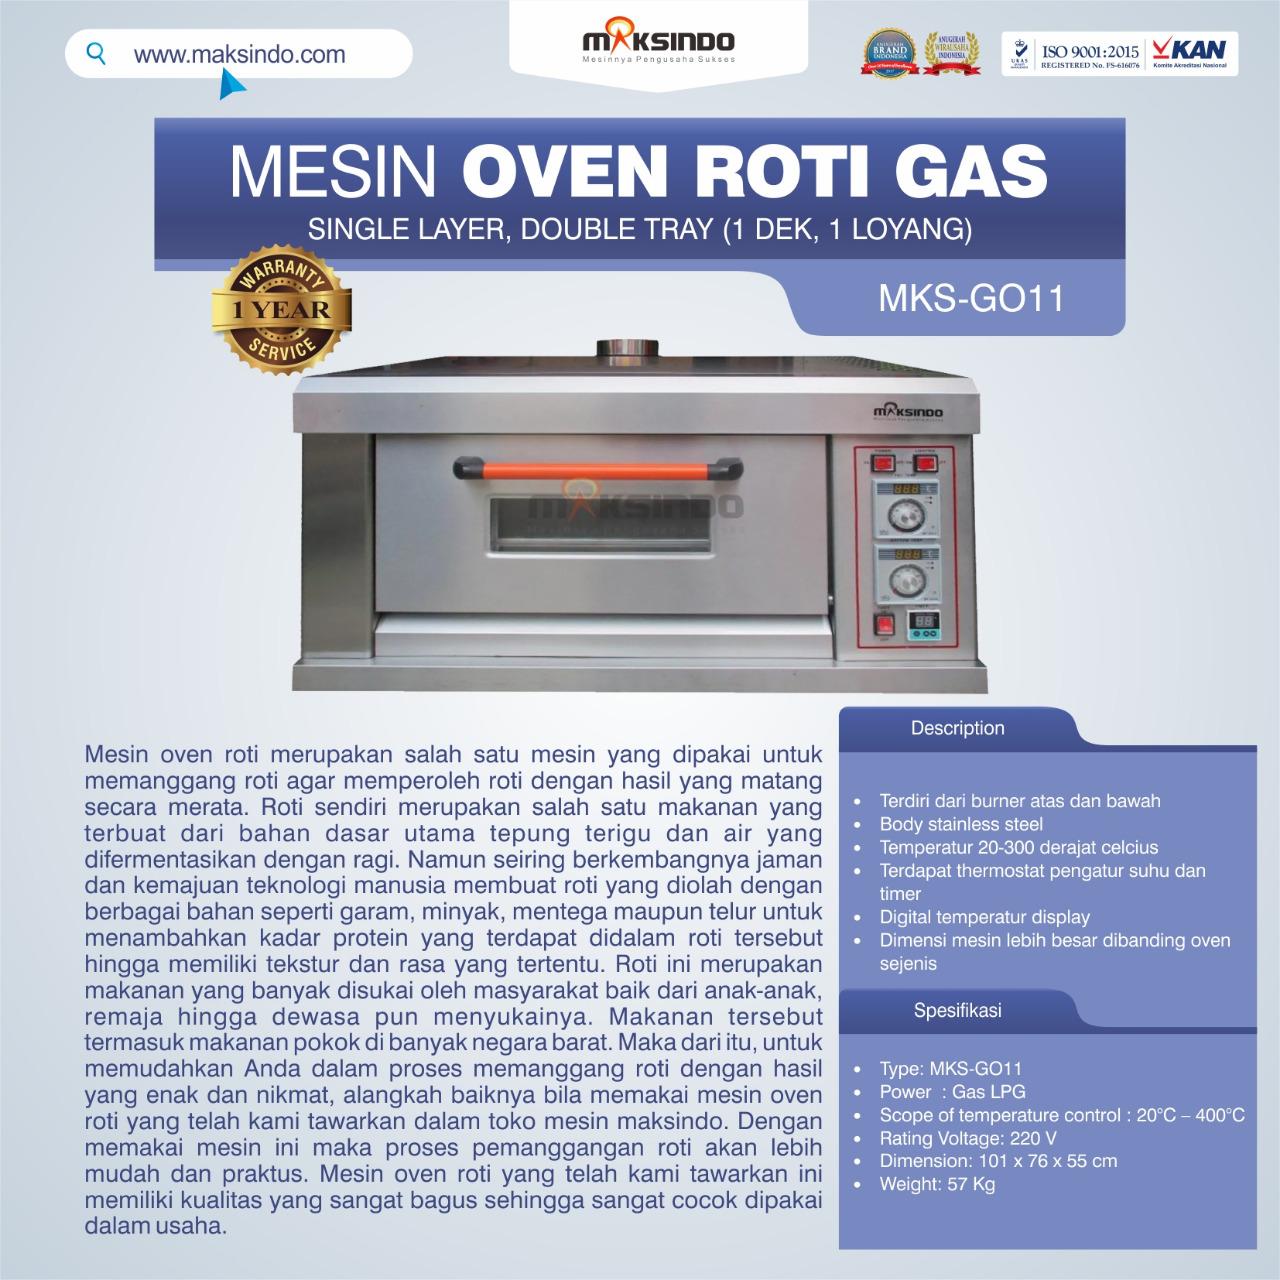 Jual Mesin Oven Roti Gas (MKS-GO11) di Jakarta